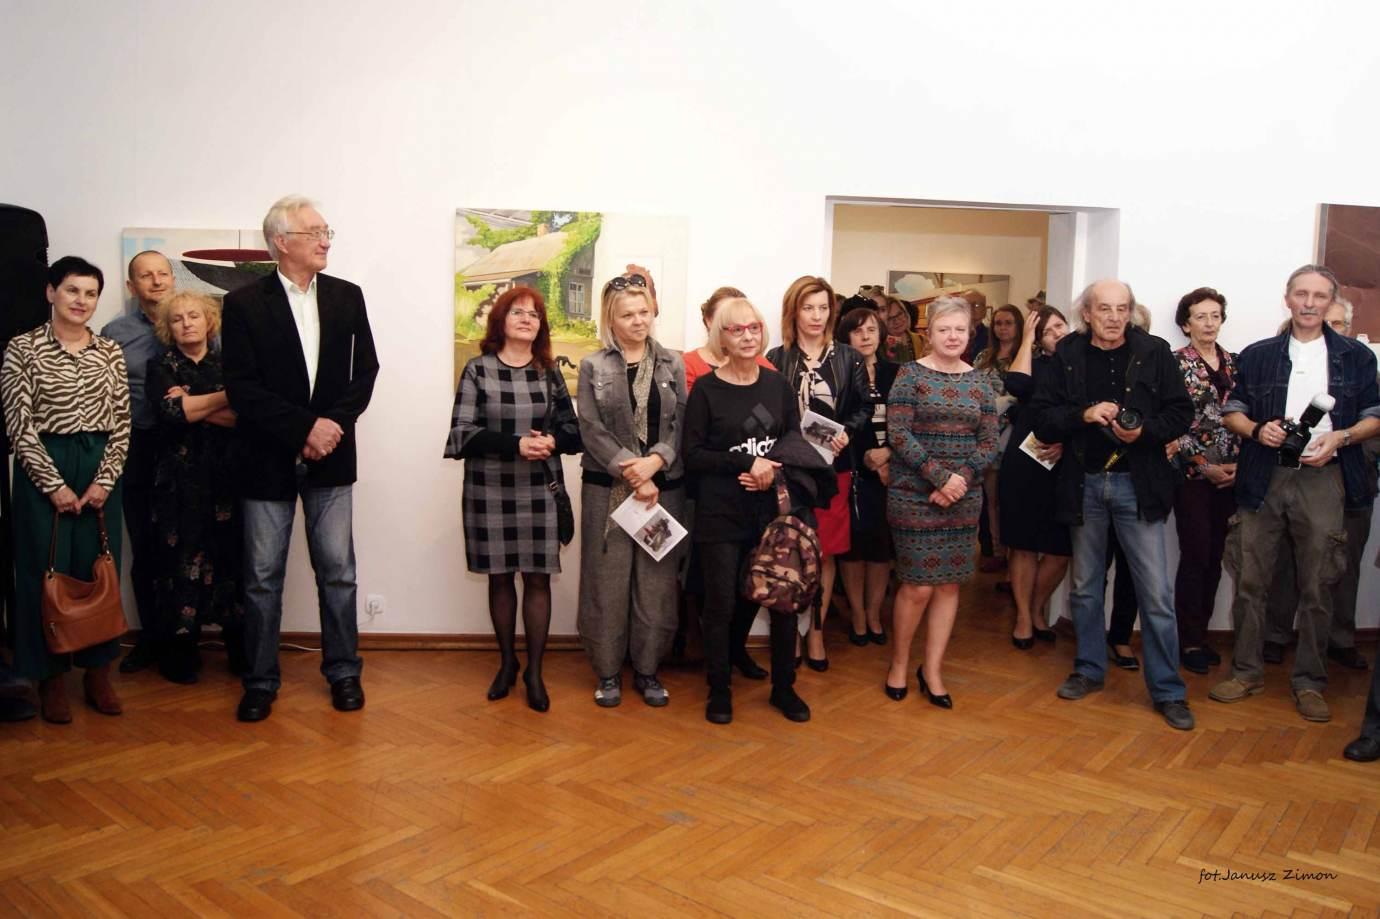 piotr tymochowicz bwa galeria zamojska fot janusz zimon 5 1 Zamość: Wernisaż wystawy Piotra Tymochowicza